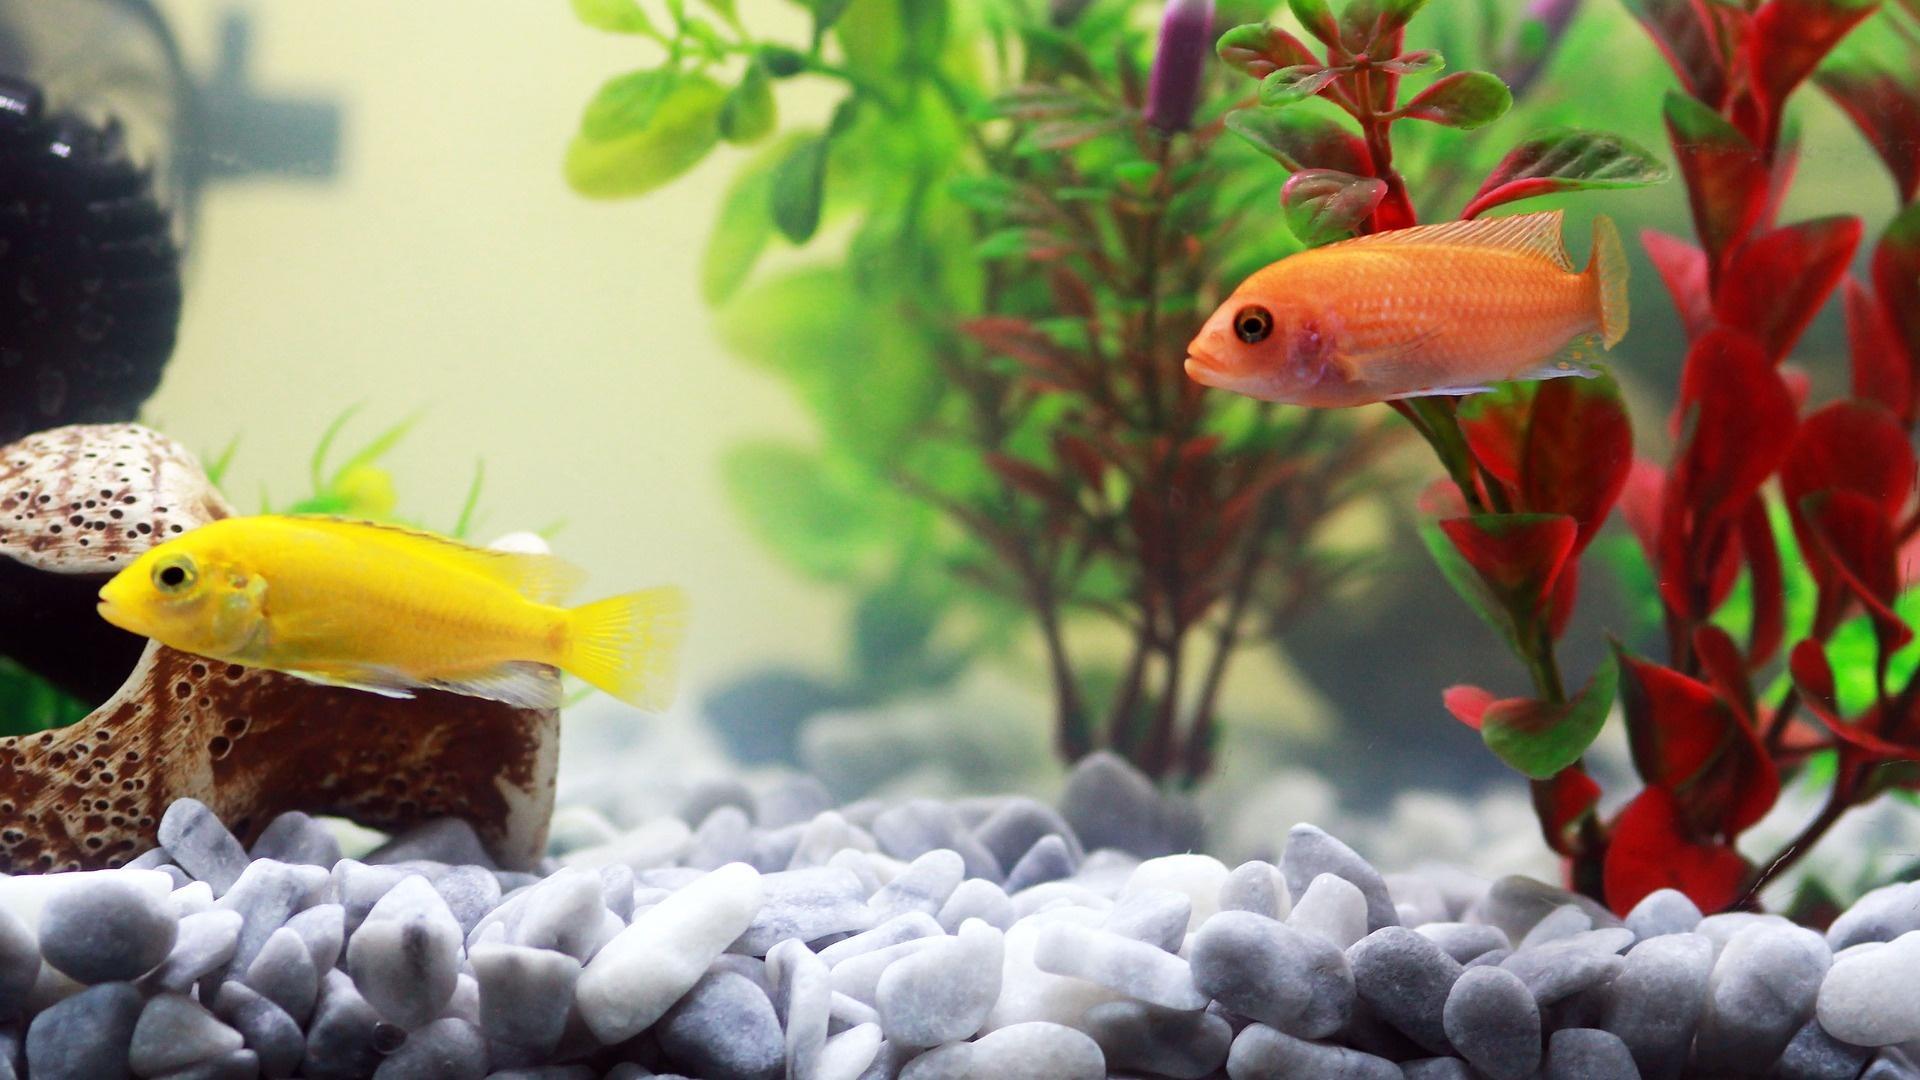 Wenn das Aquarium stinkt, können unterschiedliche Ursachen dahinterstecken